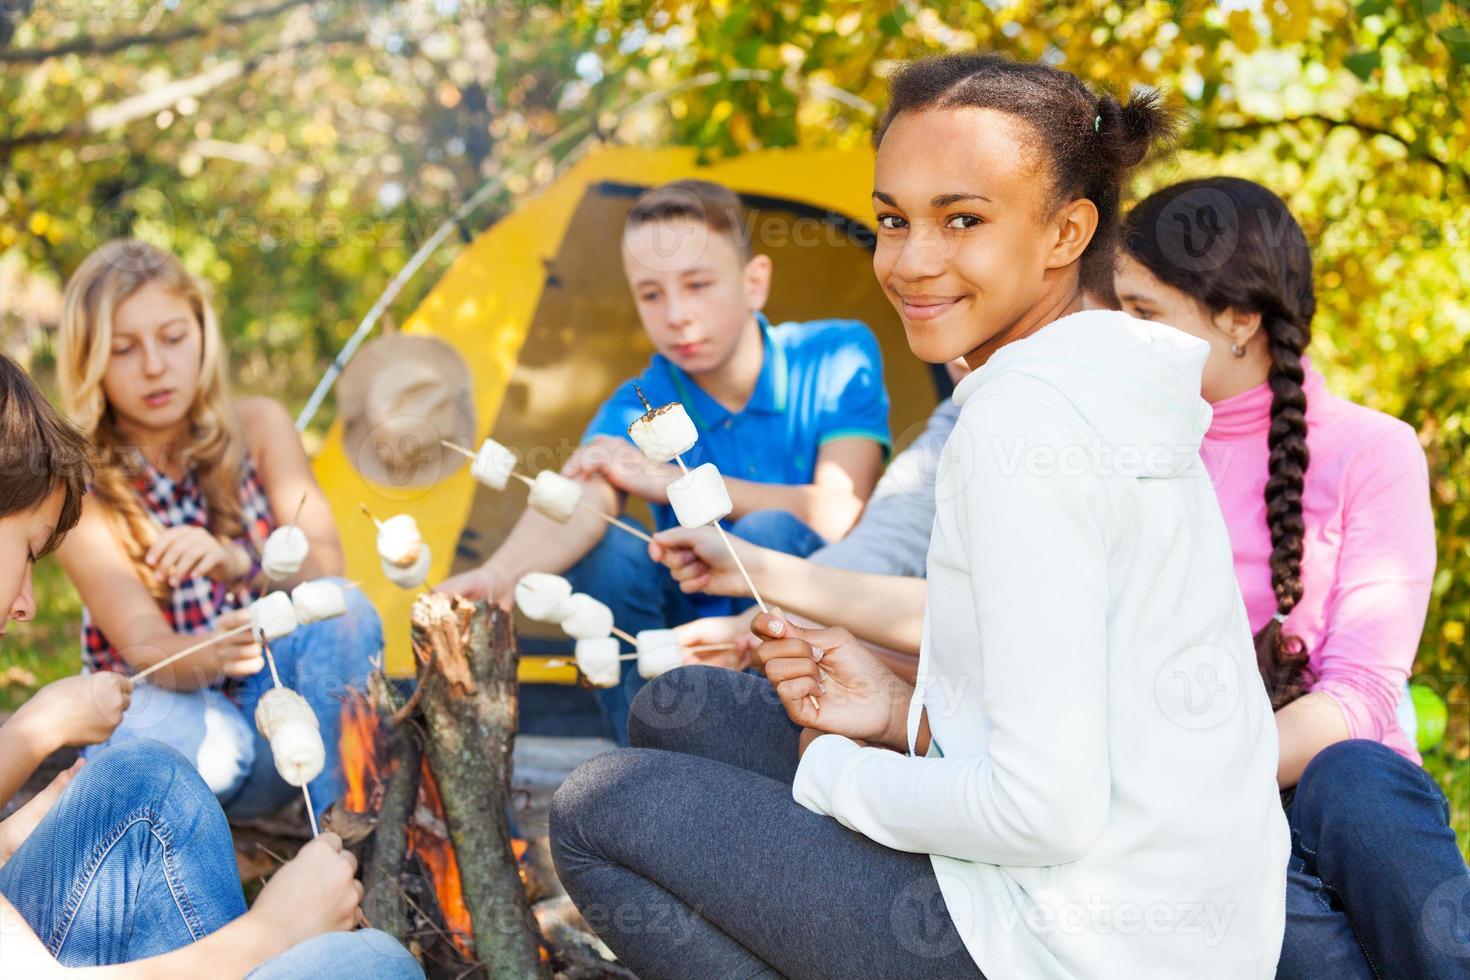 adolescents avec des bâtons de guimauve assis près d'un feu de joie photo